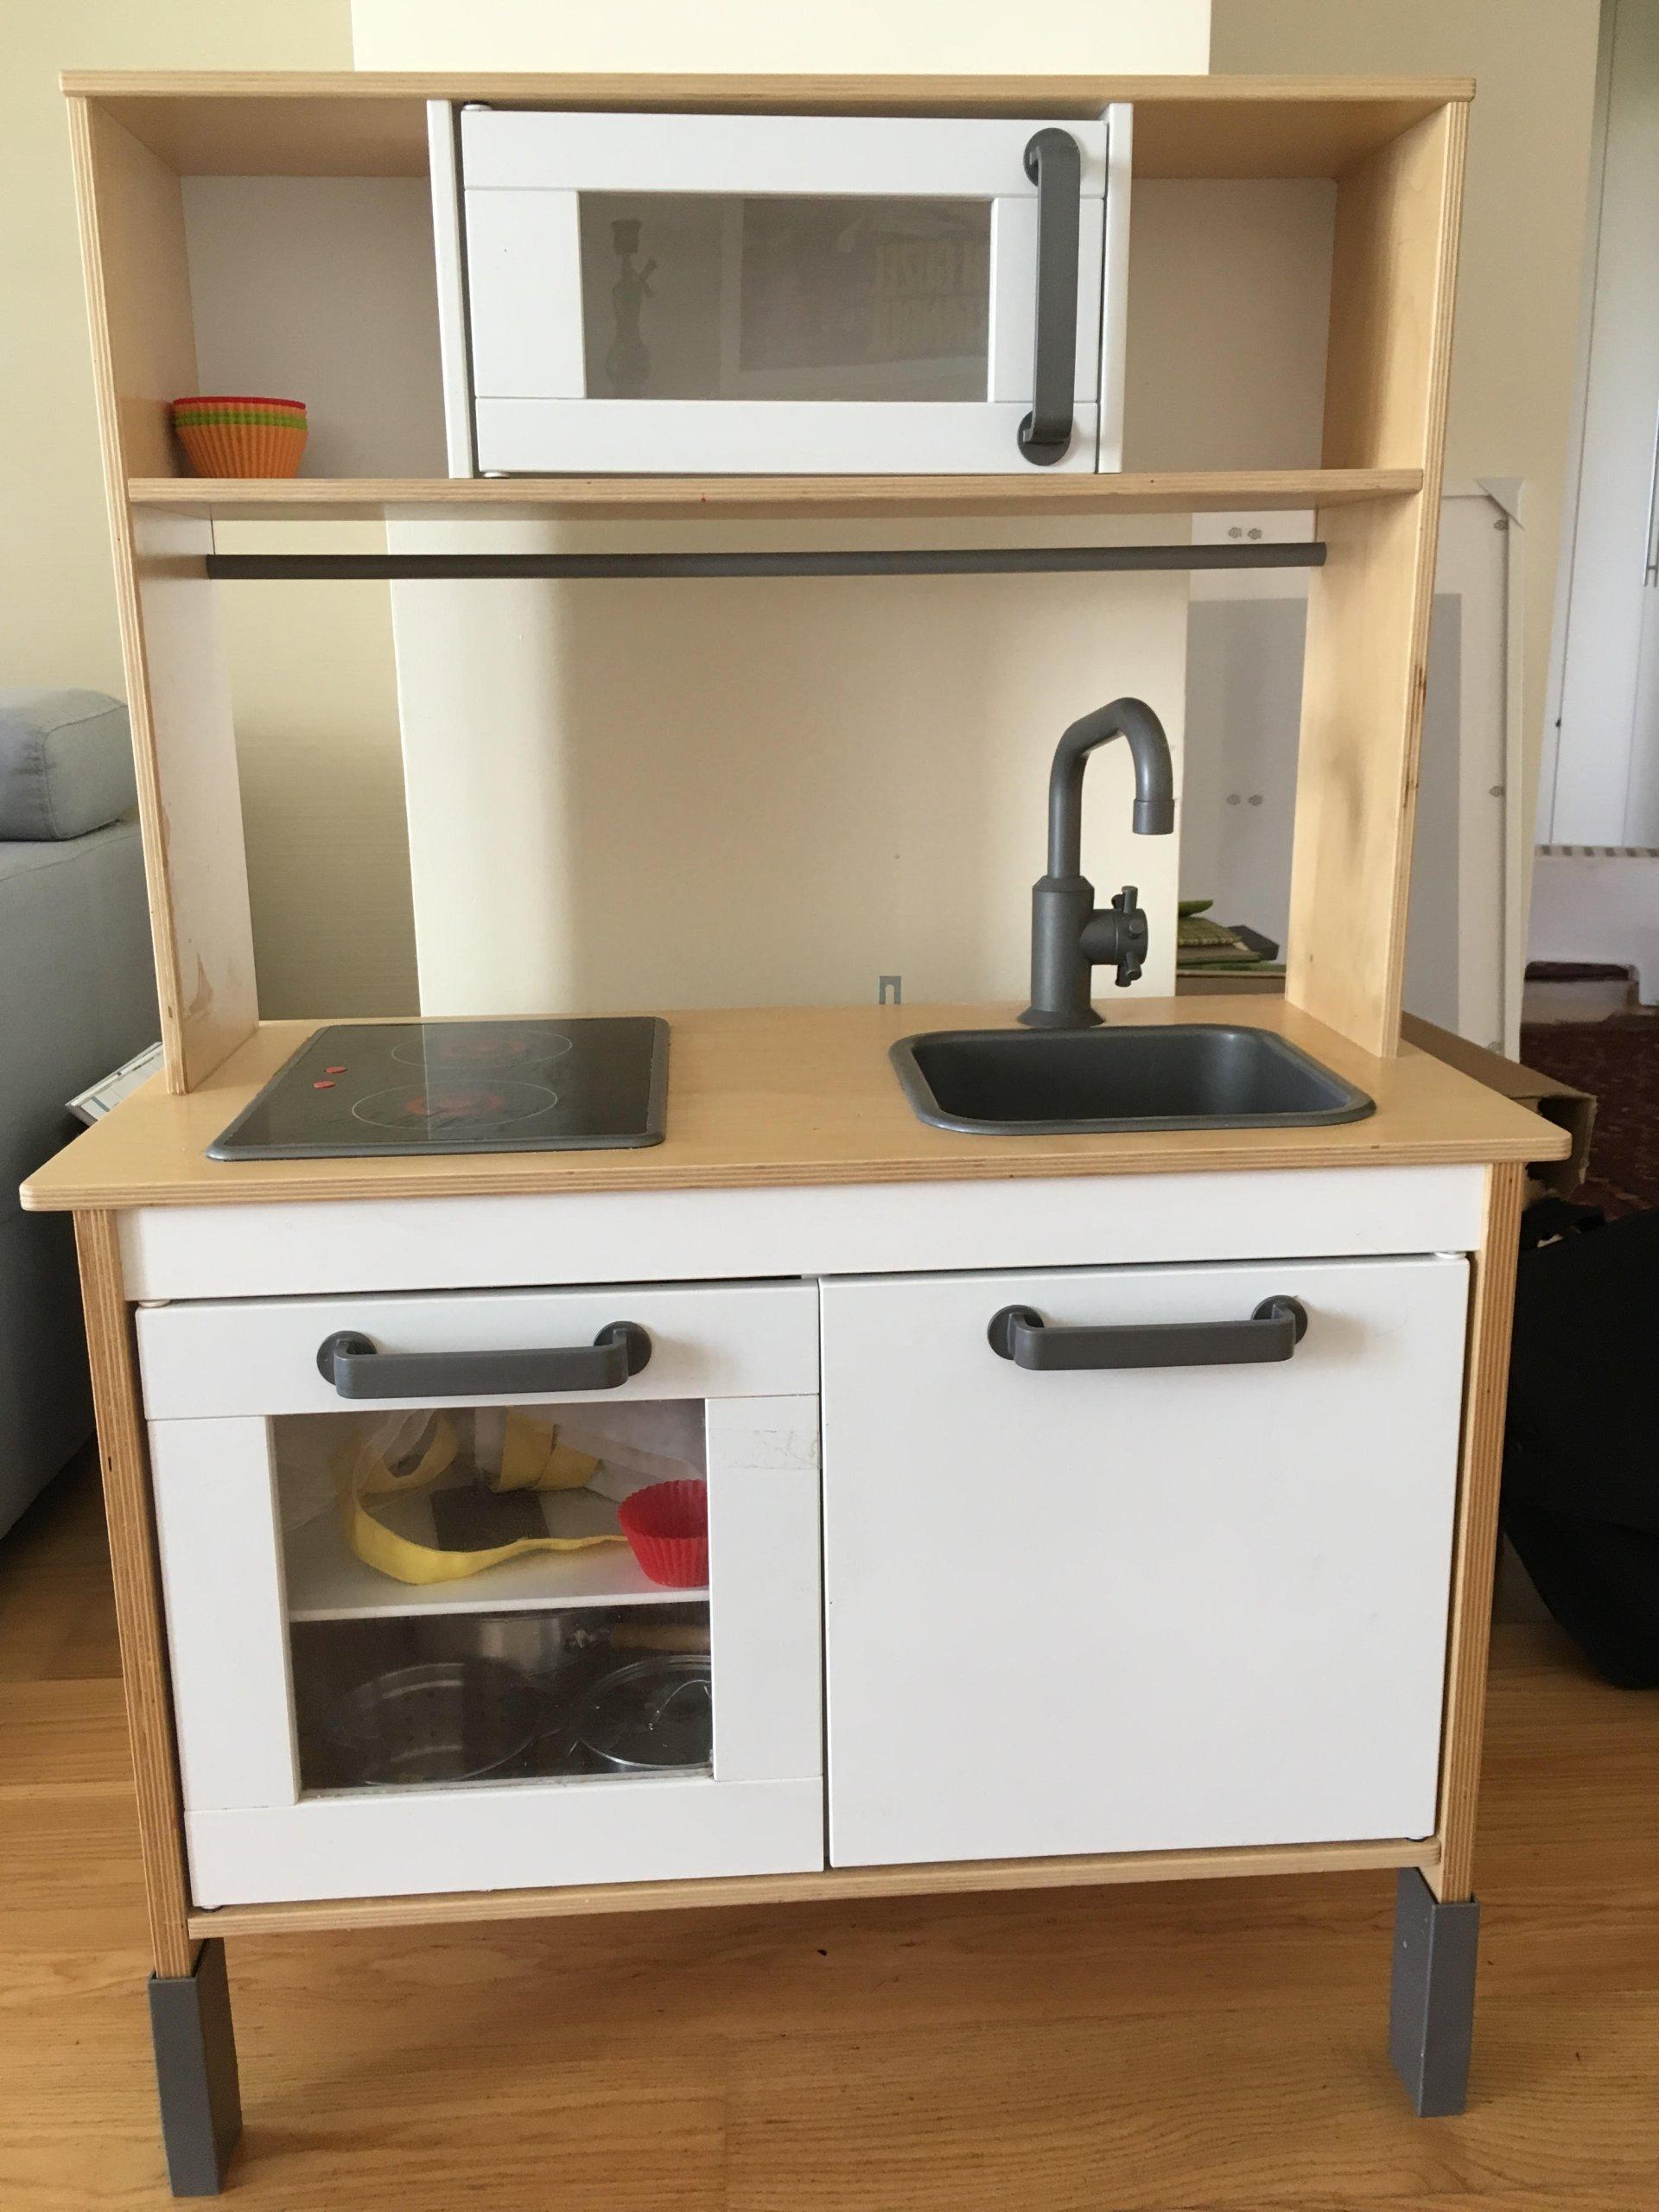 Kuchnia Dla Dzieci Ikea 7377581728 Oficjalne Archiwum